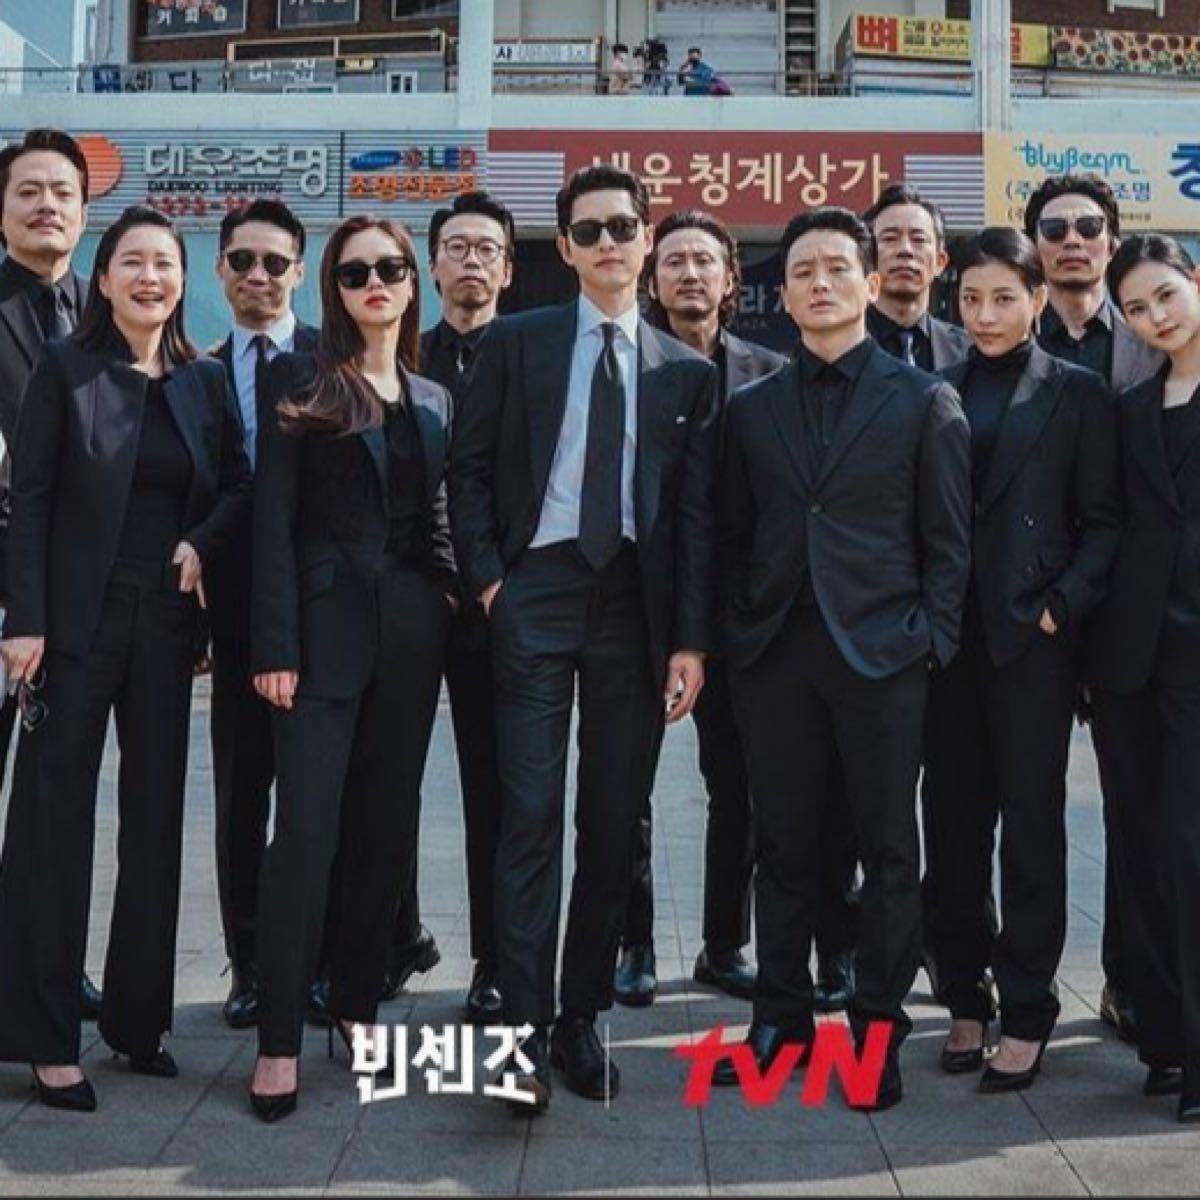 ヴィンチェンツォ メイキング& 出張十五夜 ヴィンチェンツォ 2枚セットDVD  ソンジュンギ 韓国ドラマ